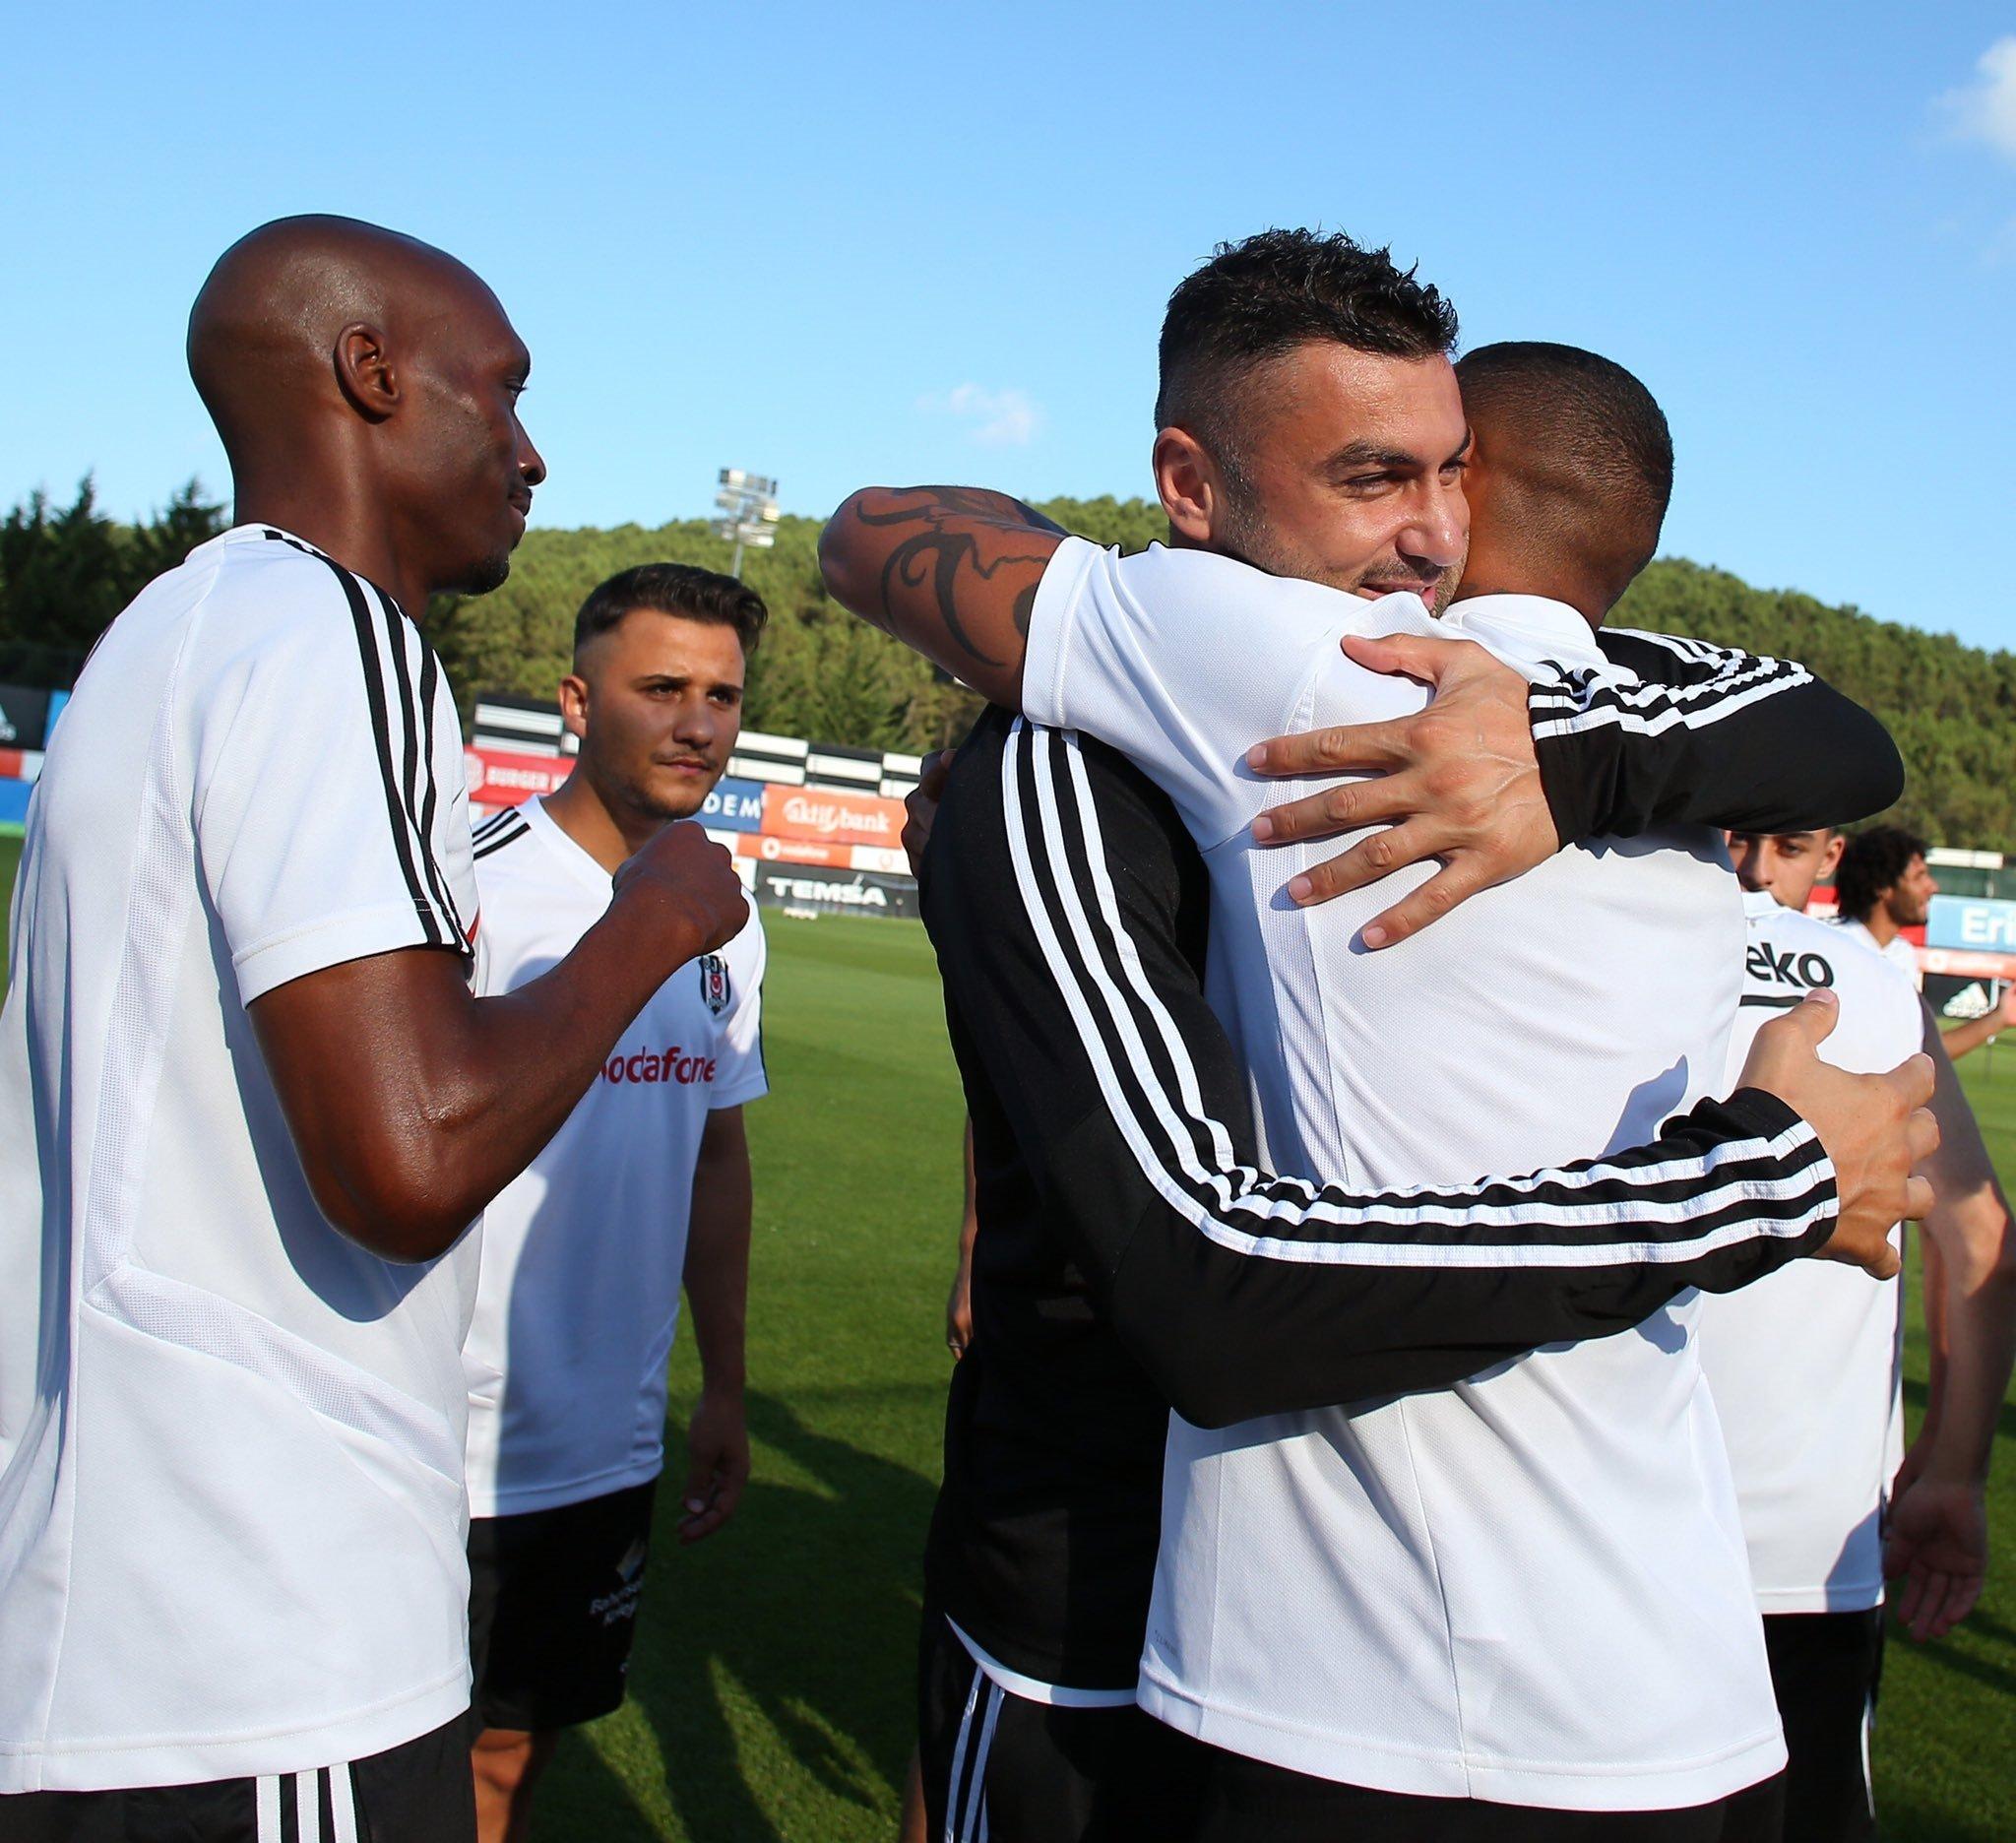 besiktasta kevin prince boateng besiktasa veda etti 1595523966102 - Son dakika: Beşiktaş'ta Kevin-Prince Boateng takımdan ayrıldı